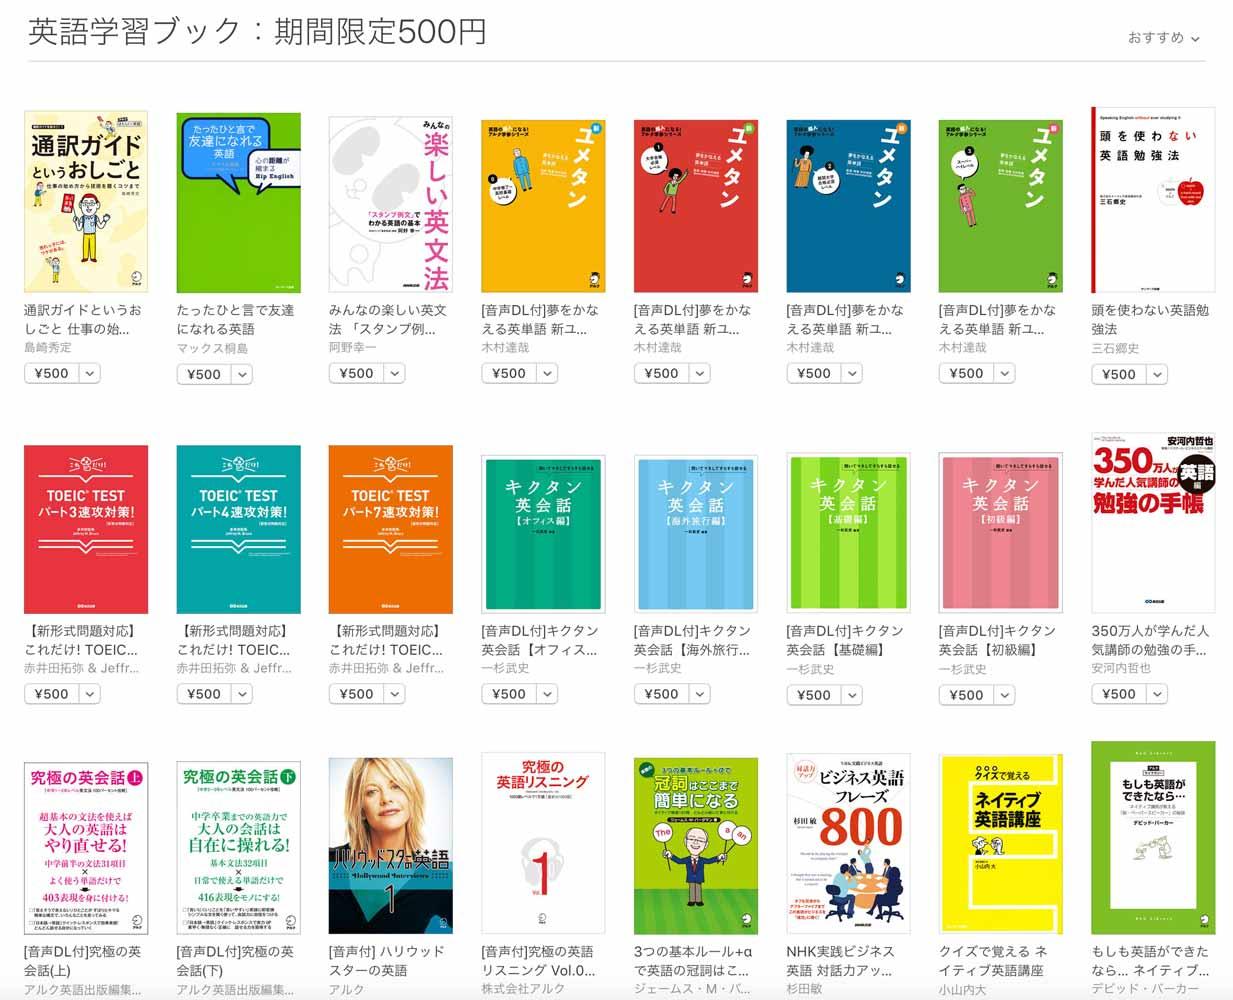 【500円均一】iBook Store、「英語学習ブック:期間限定500円」キャンペーン実施中